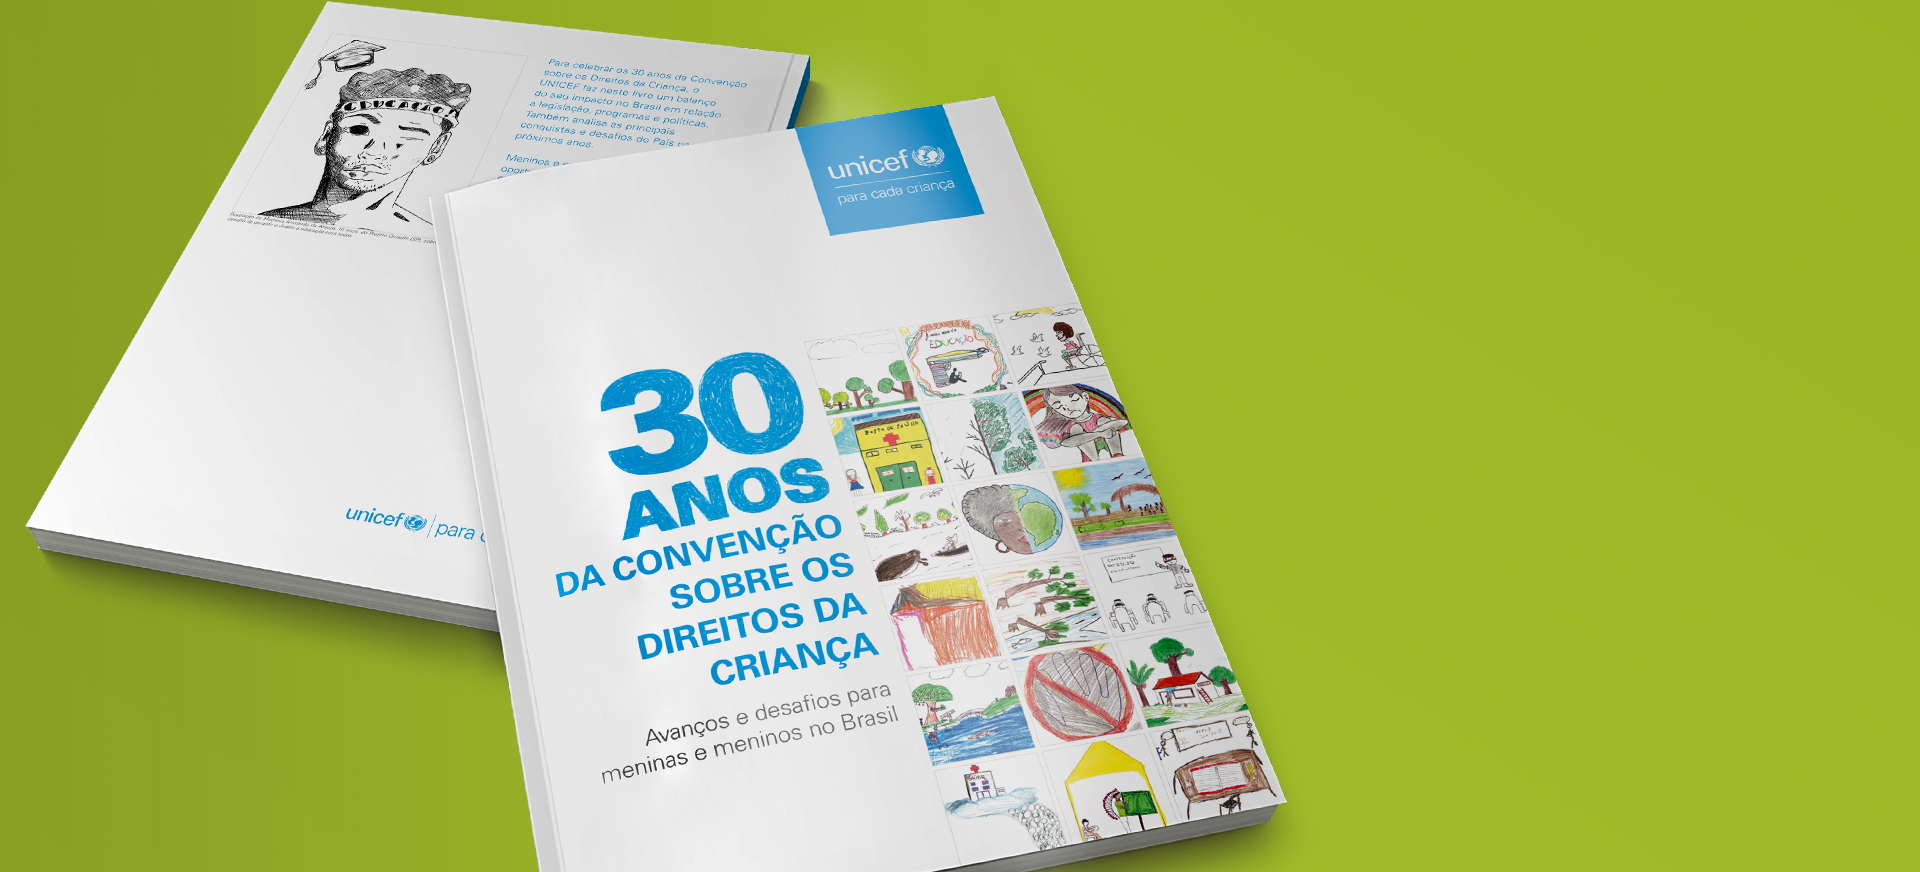 Capa do livro 30 anos da Convenção  sobre os Direitos da Criança – Avanços e desafios para meninas e meninos no Brasil